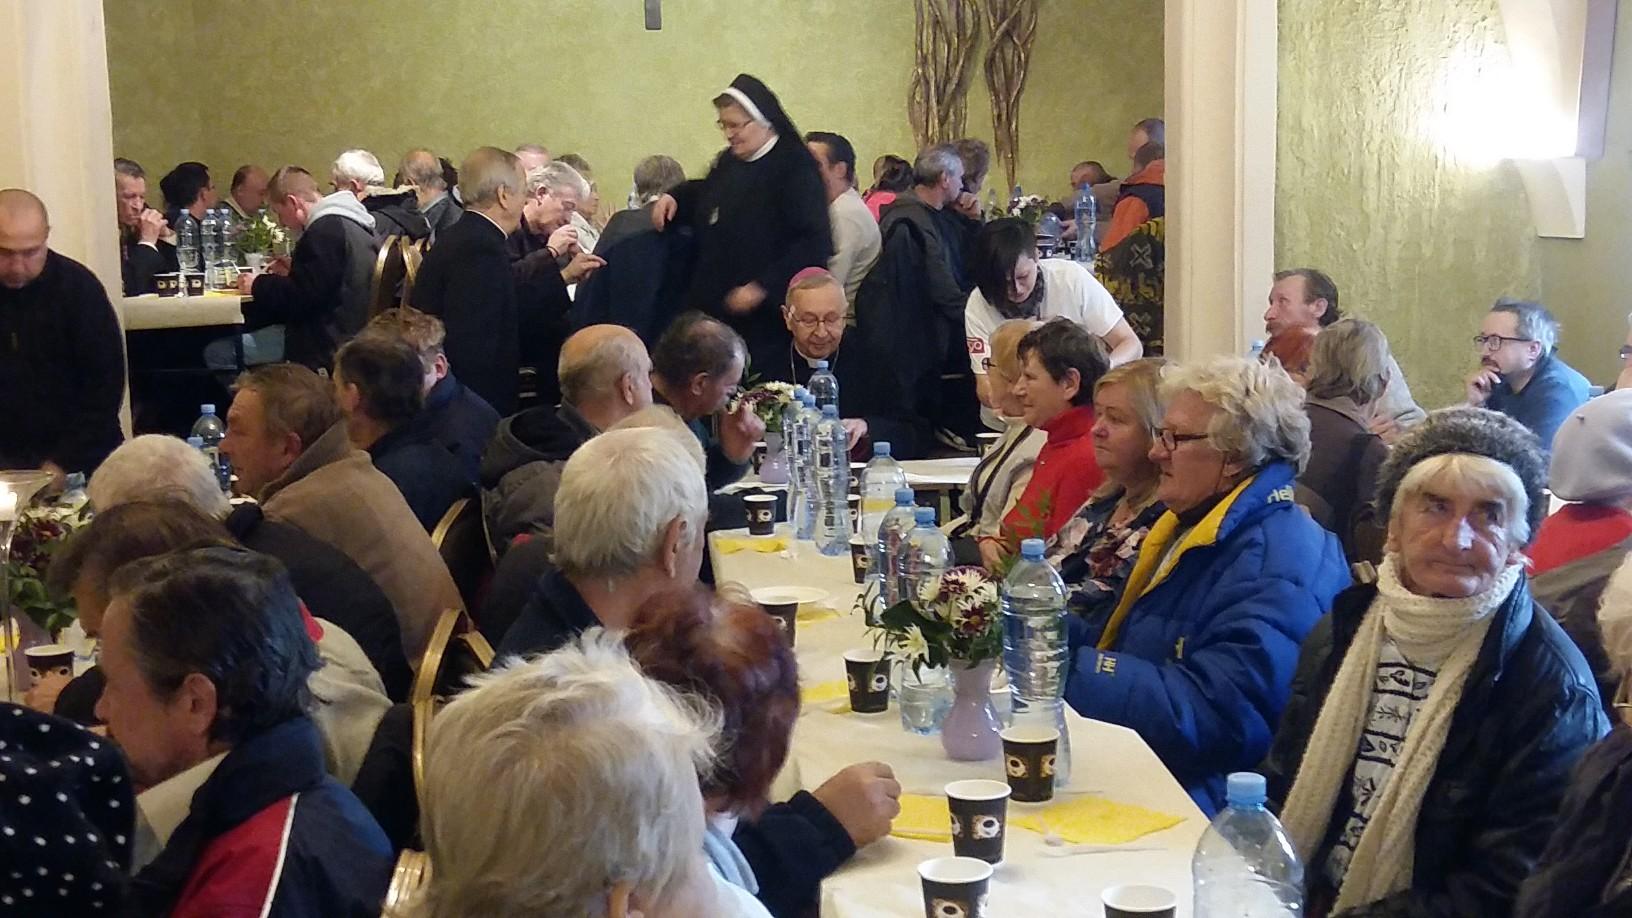 obiad z metropolitą dla bezdomnych caritas - Magdalena Konieczna